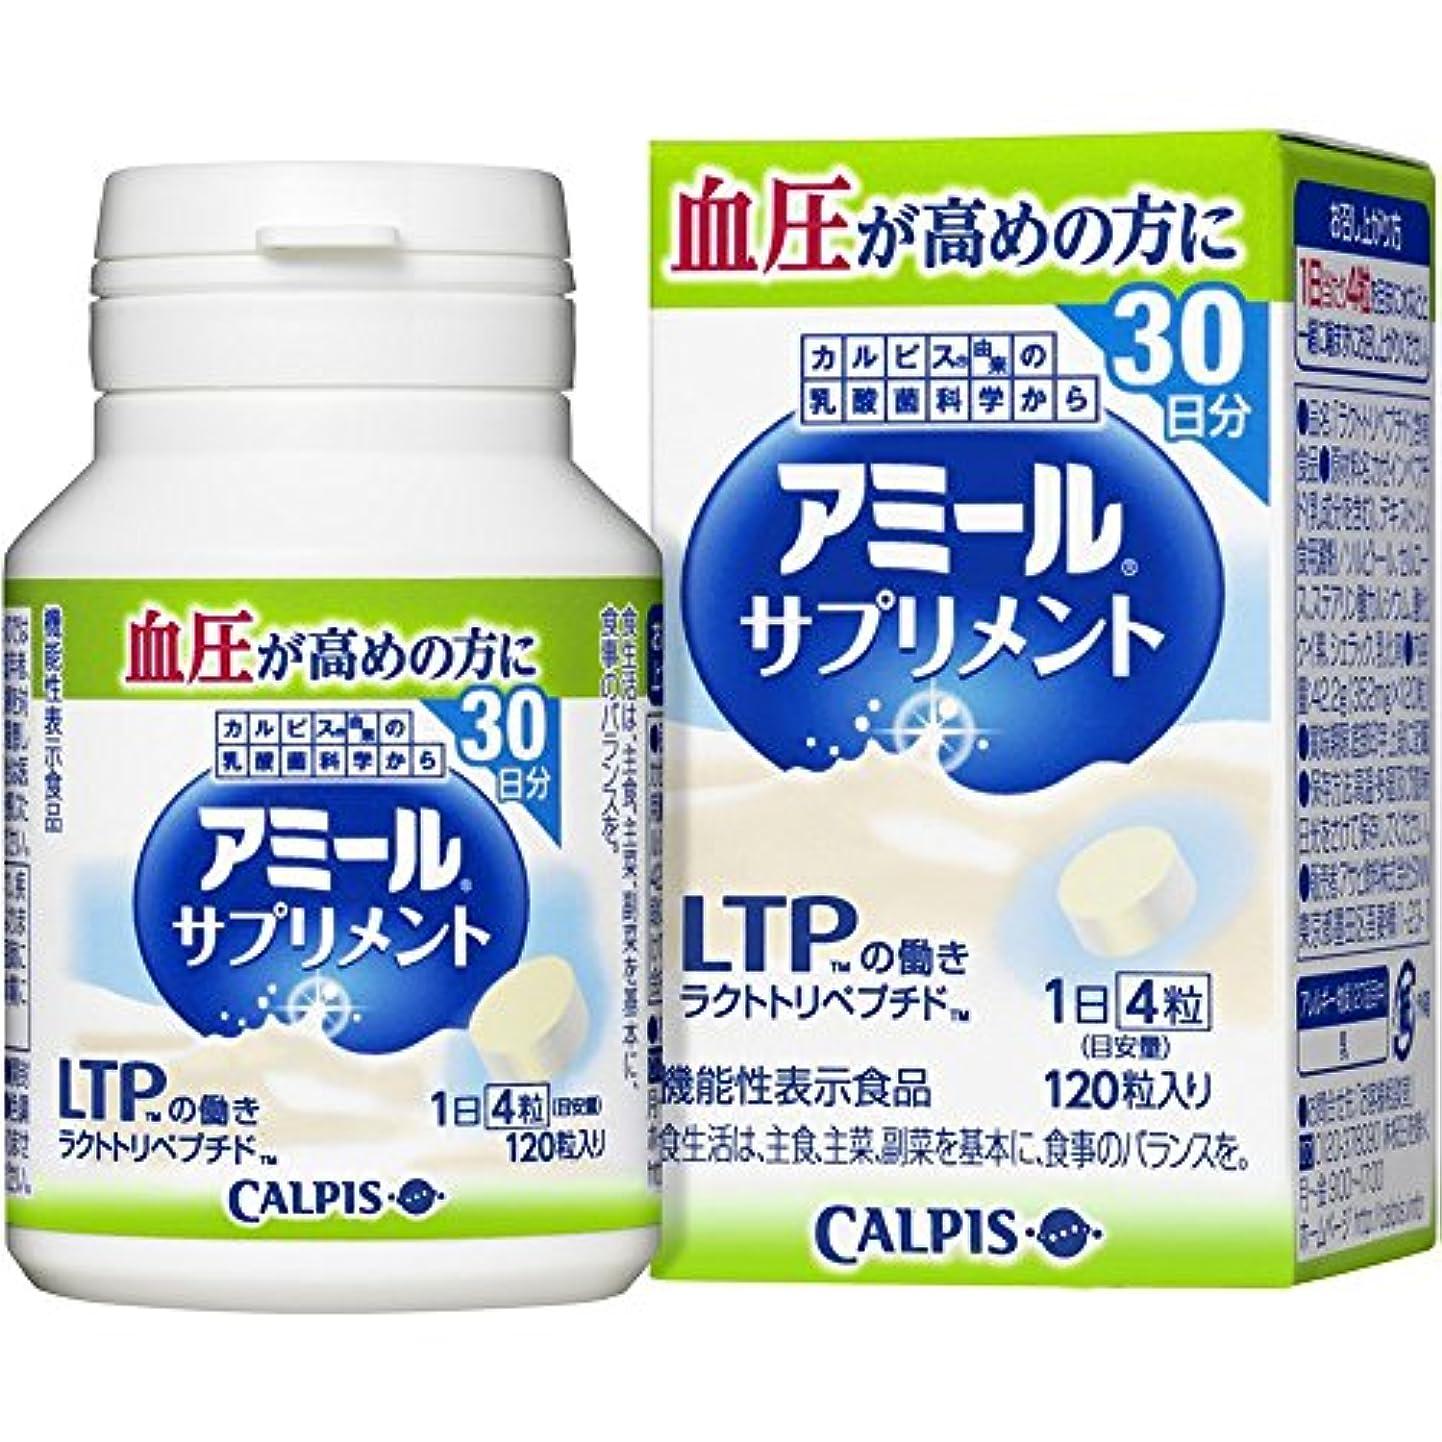 元気なヒロイン気質アミールサプリメント 120粒ボトル[機能性表示食品] 120粒入